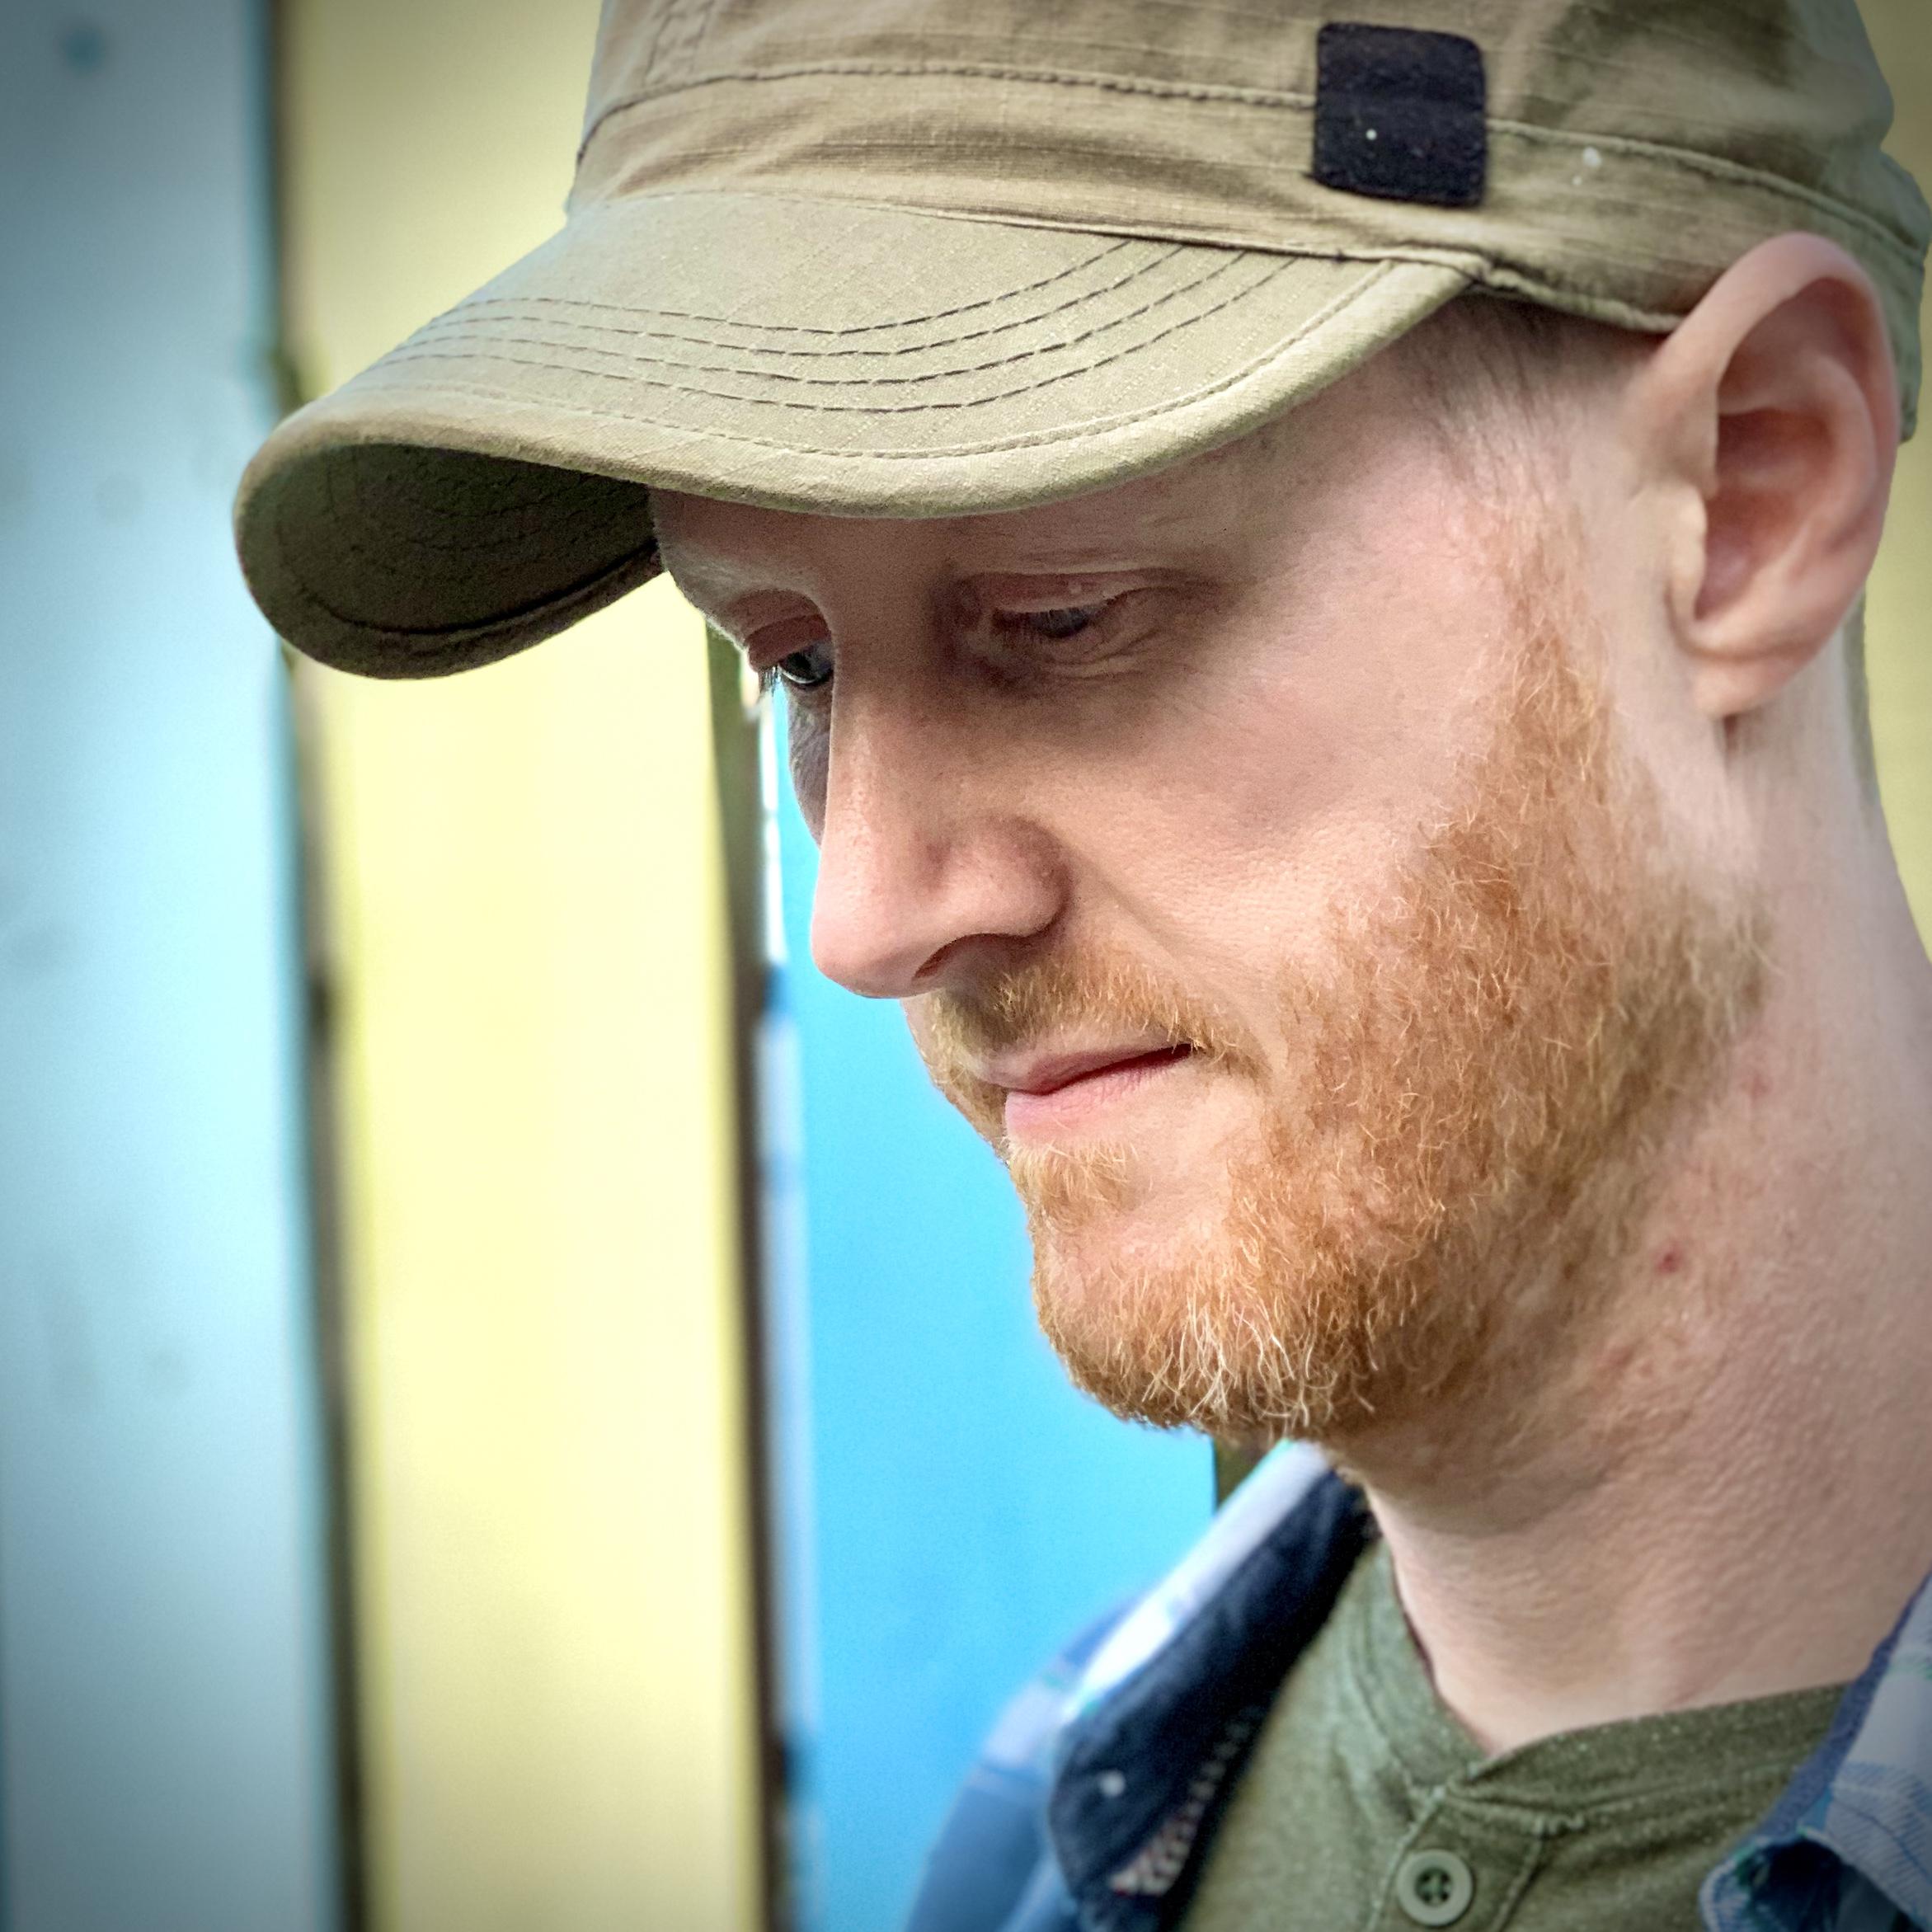 Matt McIvor - Photo by Joanne McIvor